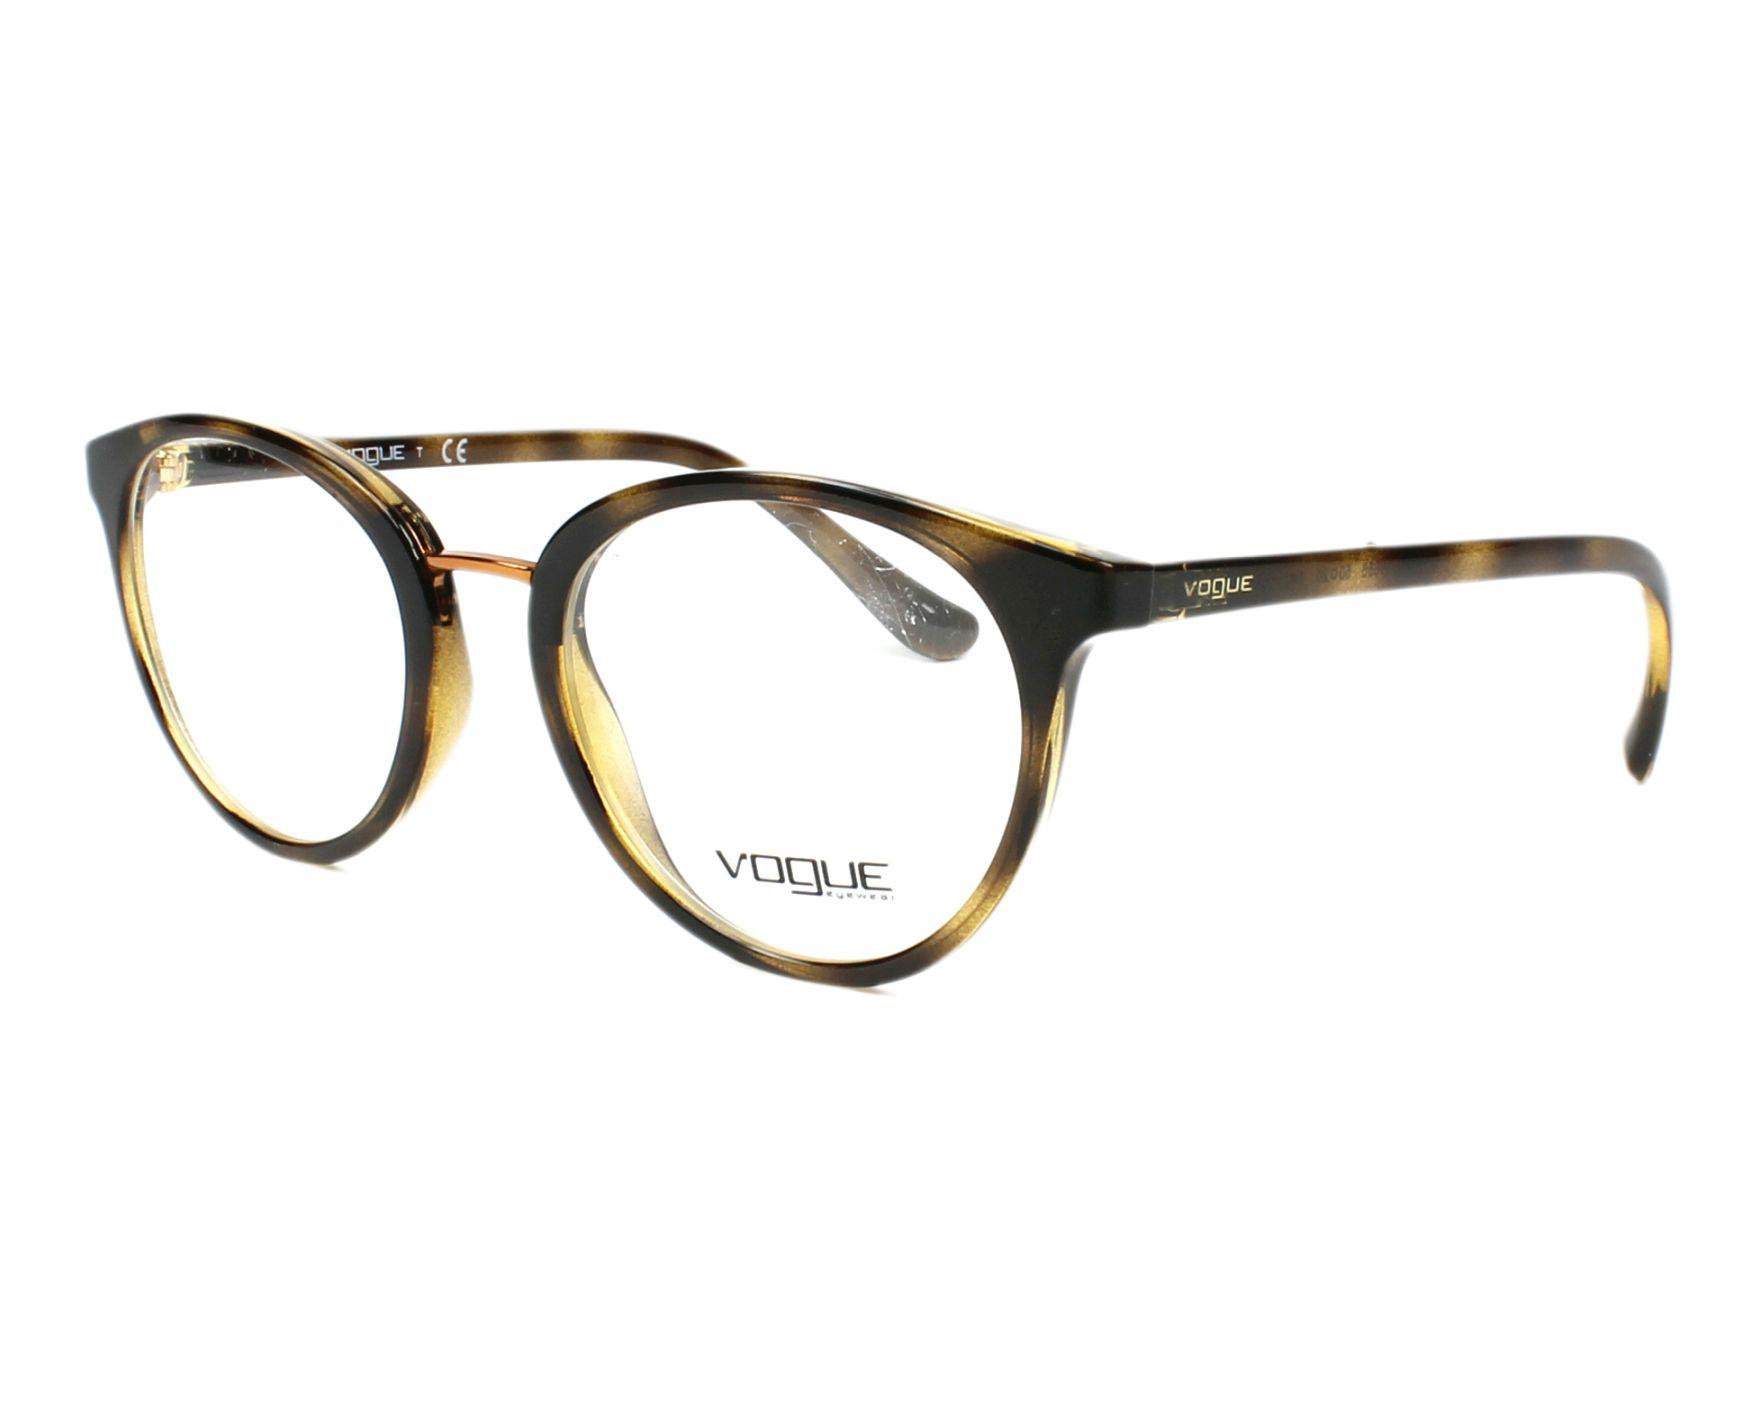 Vogue Eyeglasses VO-5167 W656 Havana - Visionet UK